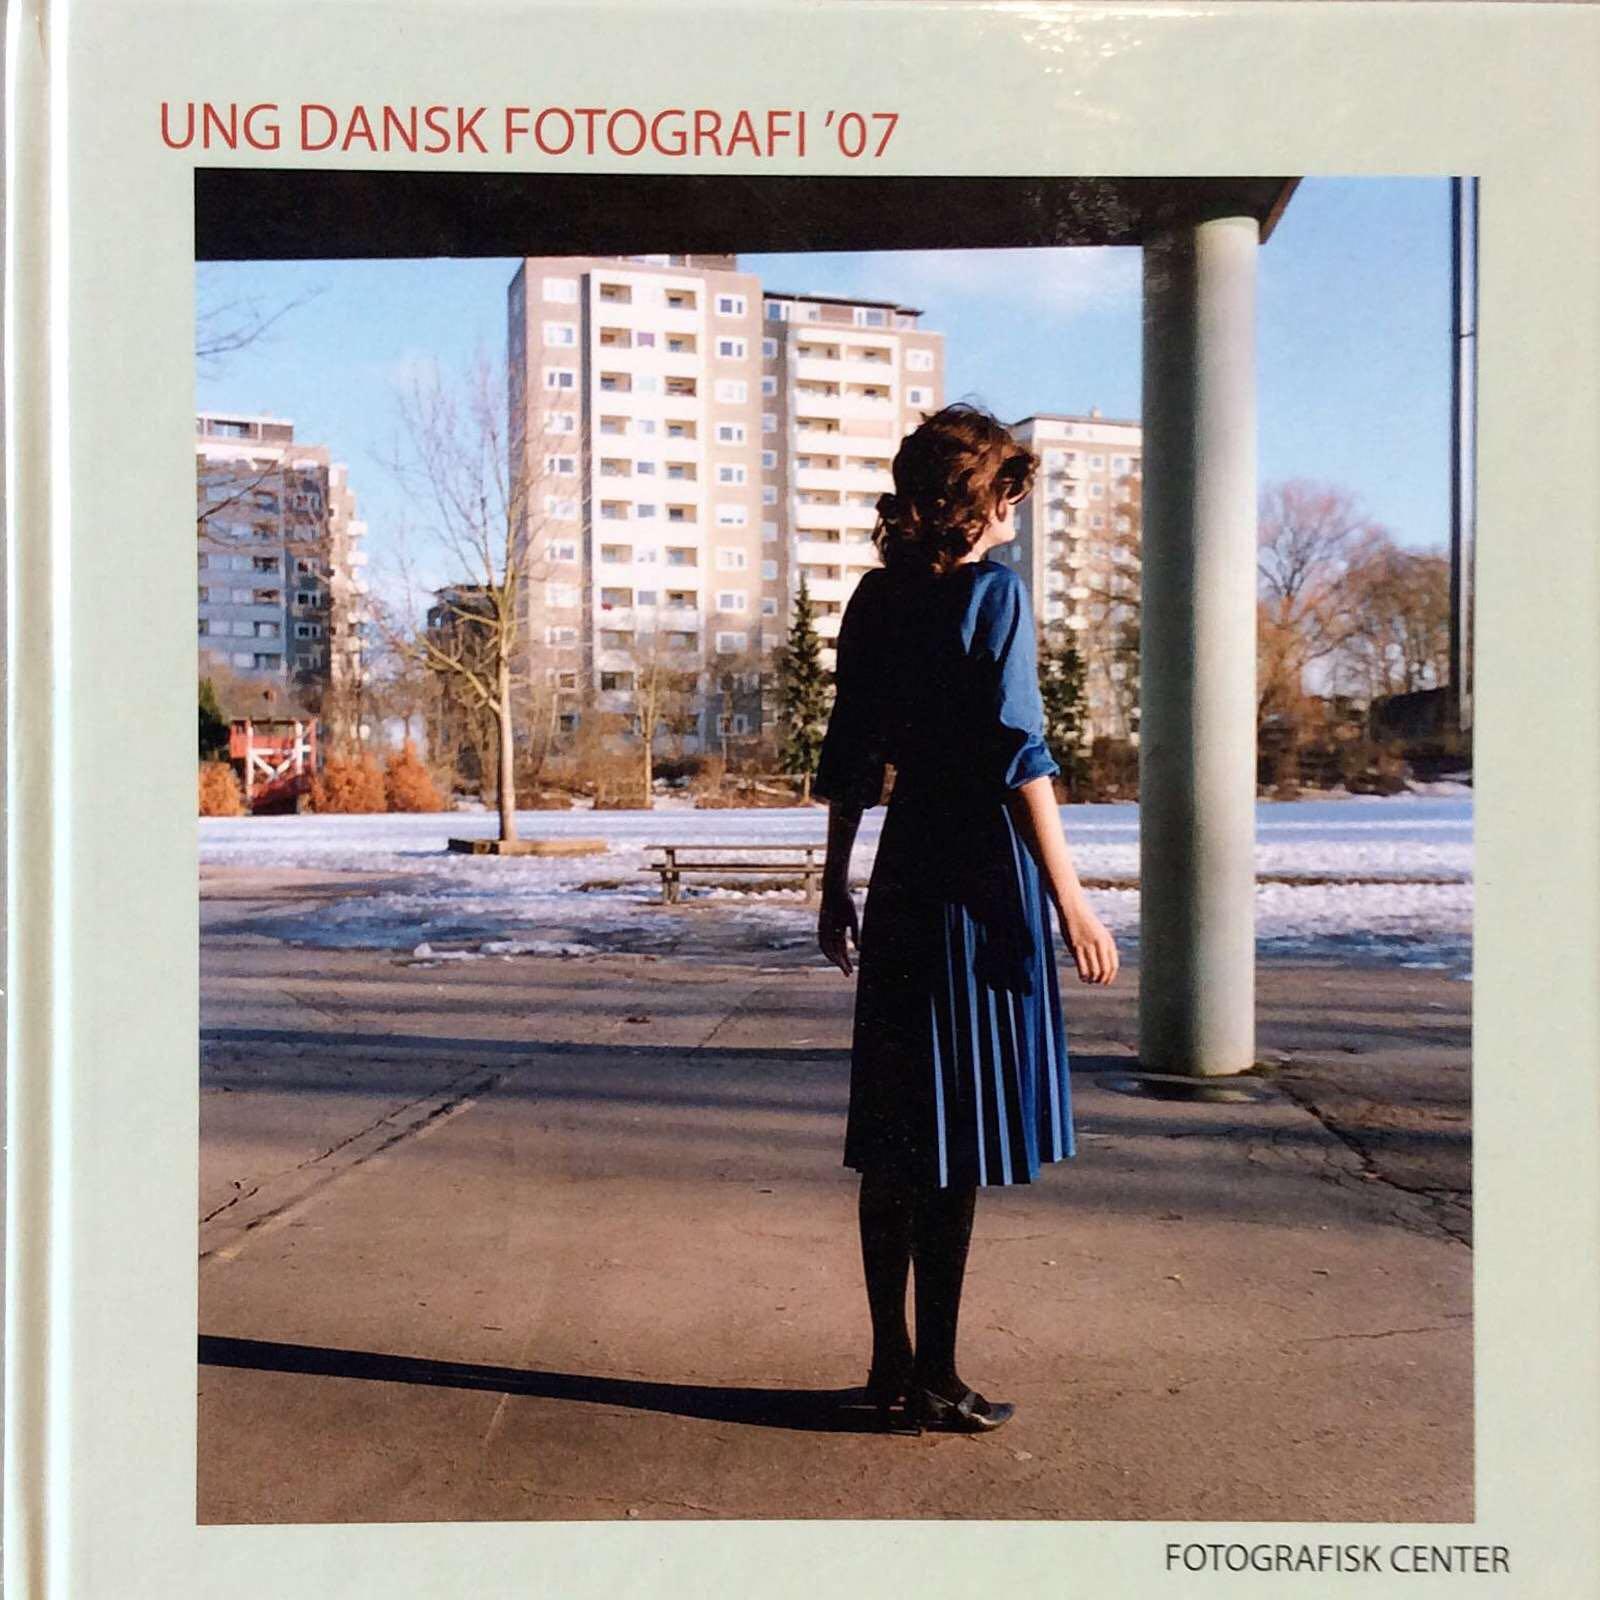 Ung dansk fotografi 2007